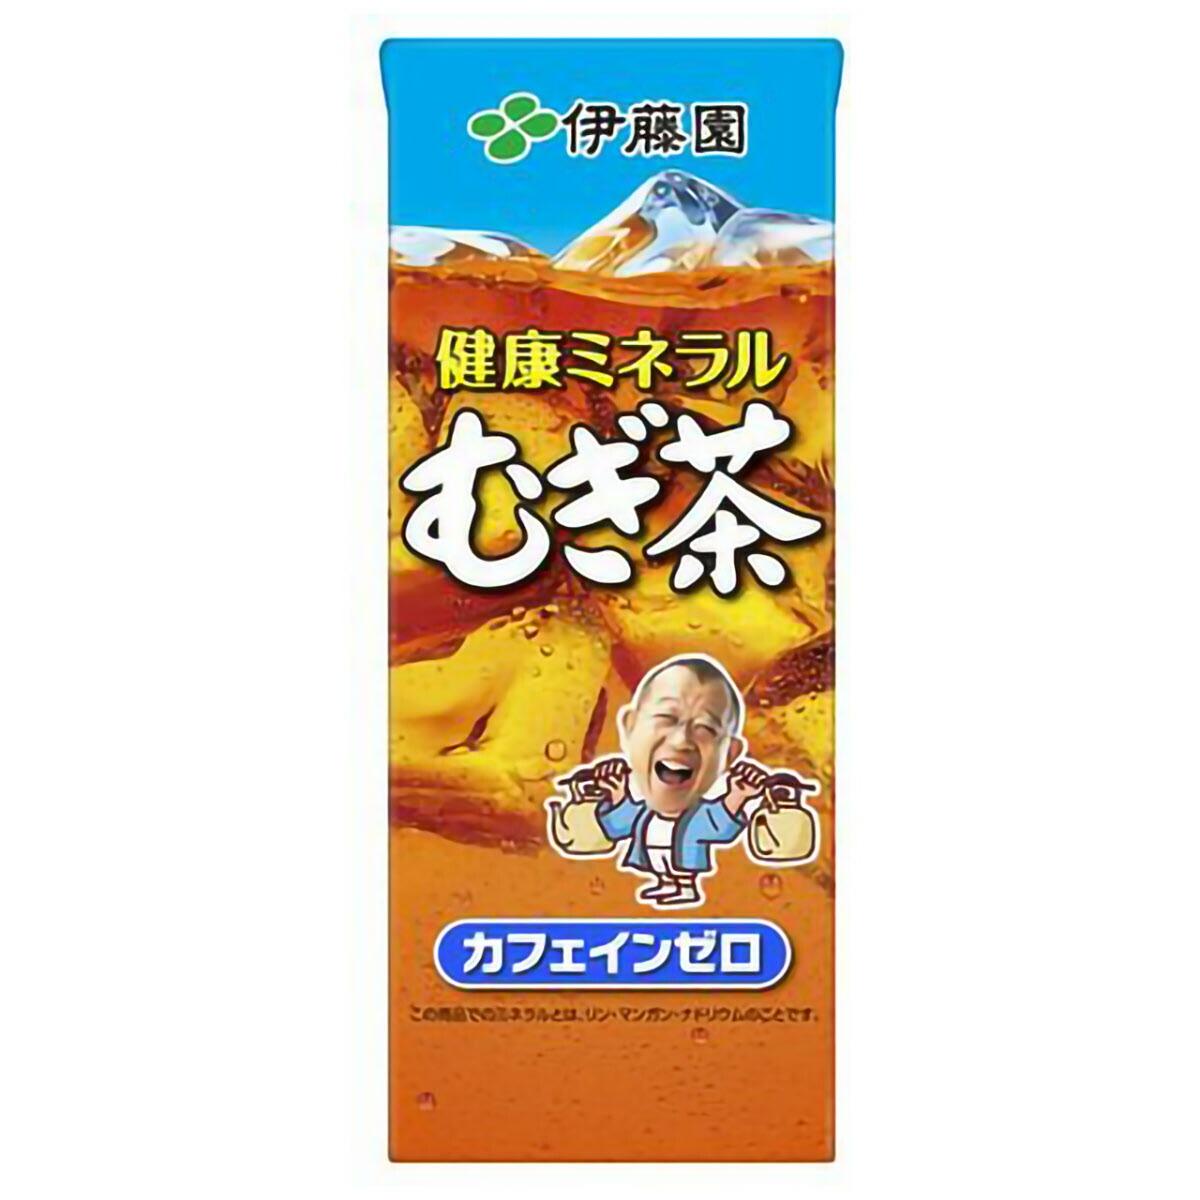 伊藤園 健康ミネラルむぎ茶 紙パック 250ml(1本) 044445 [分類:スポーツドリンク]